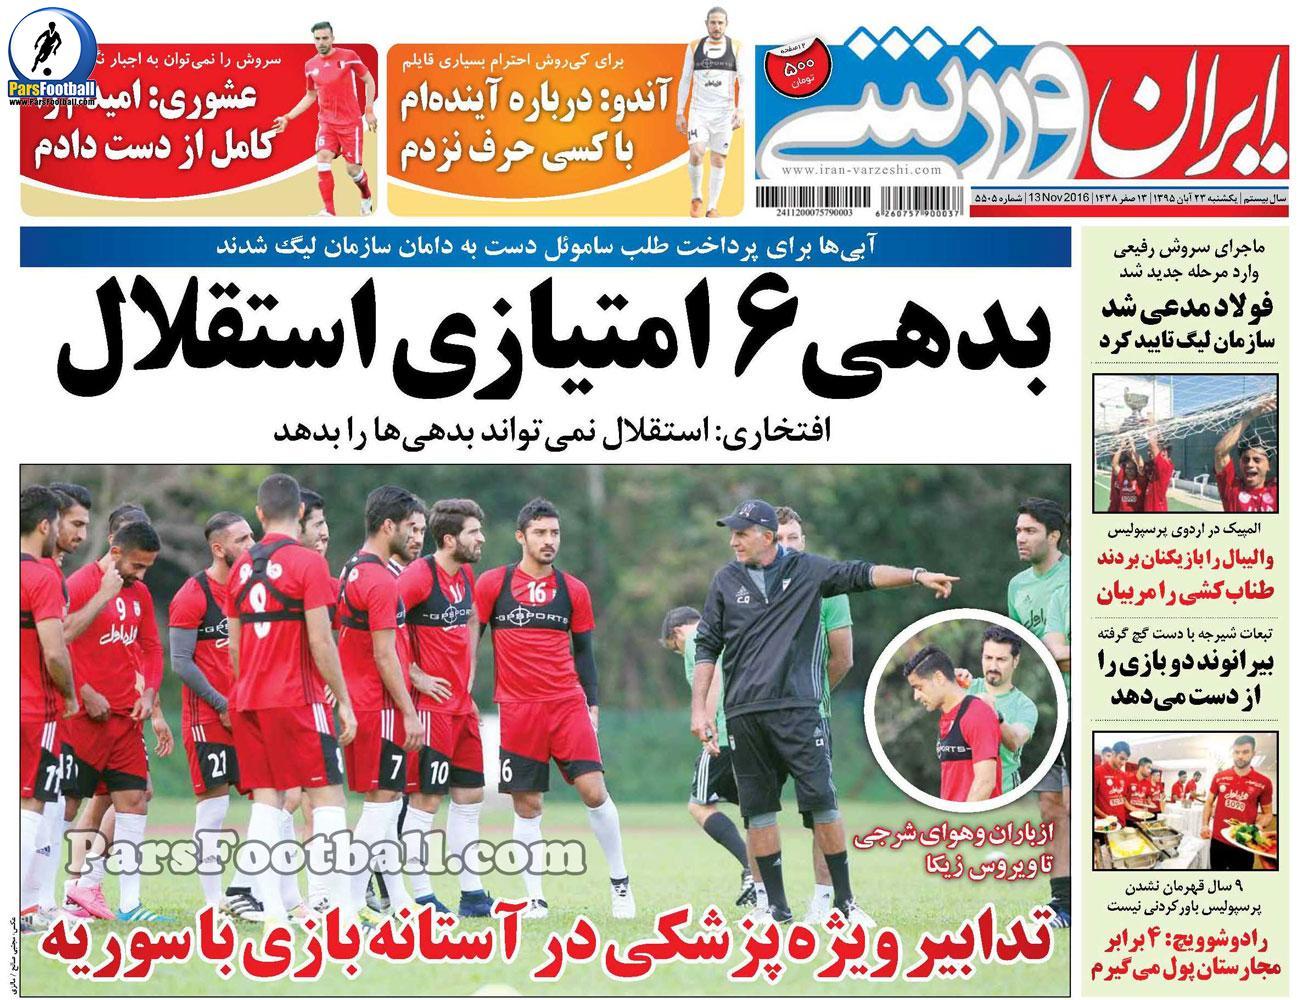 روزنامه ایران ورزشی یکشنبه 23 آبان 95